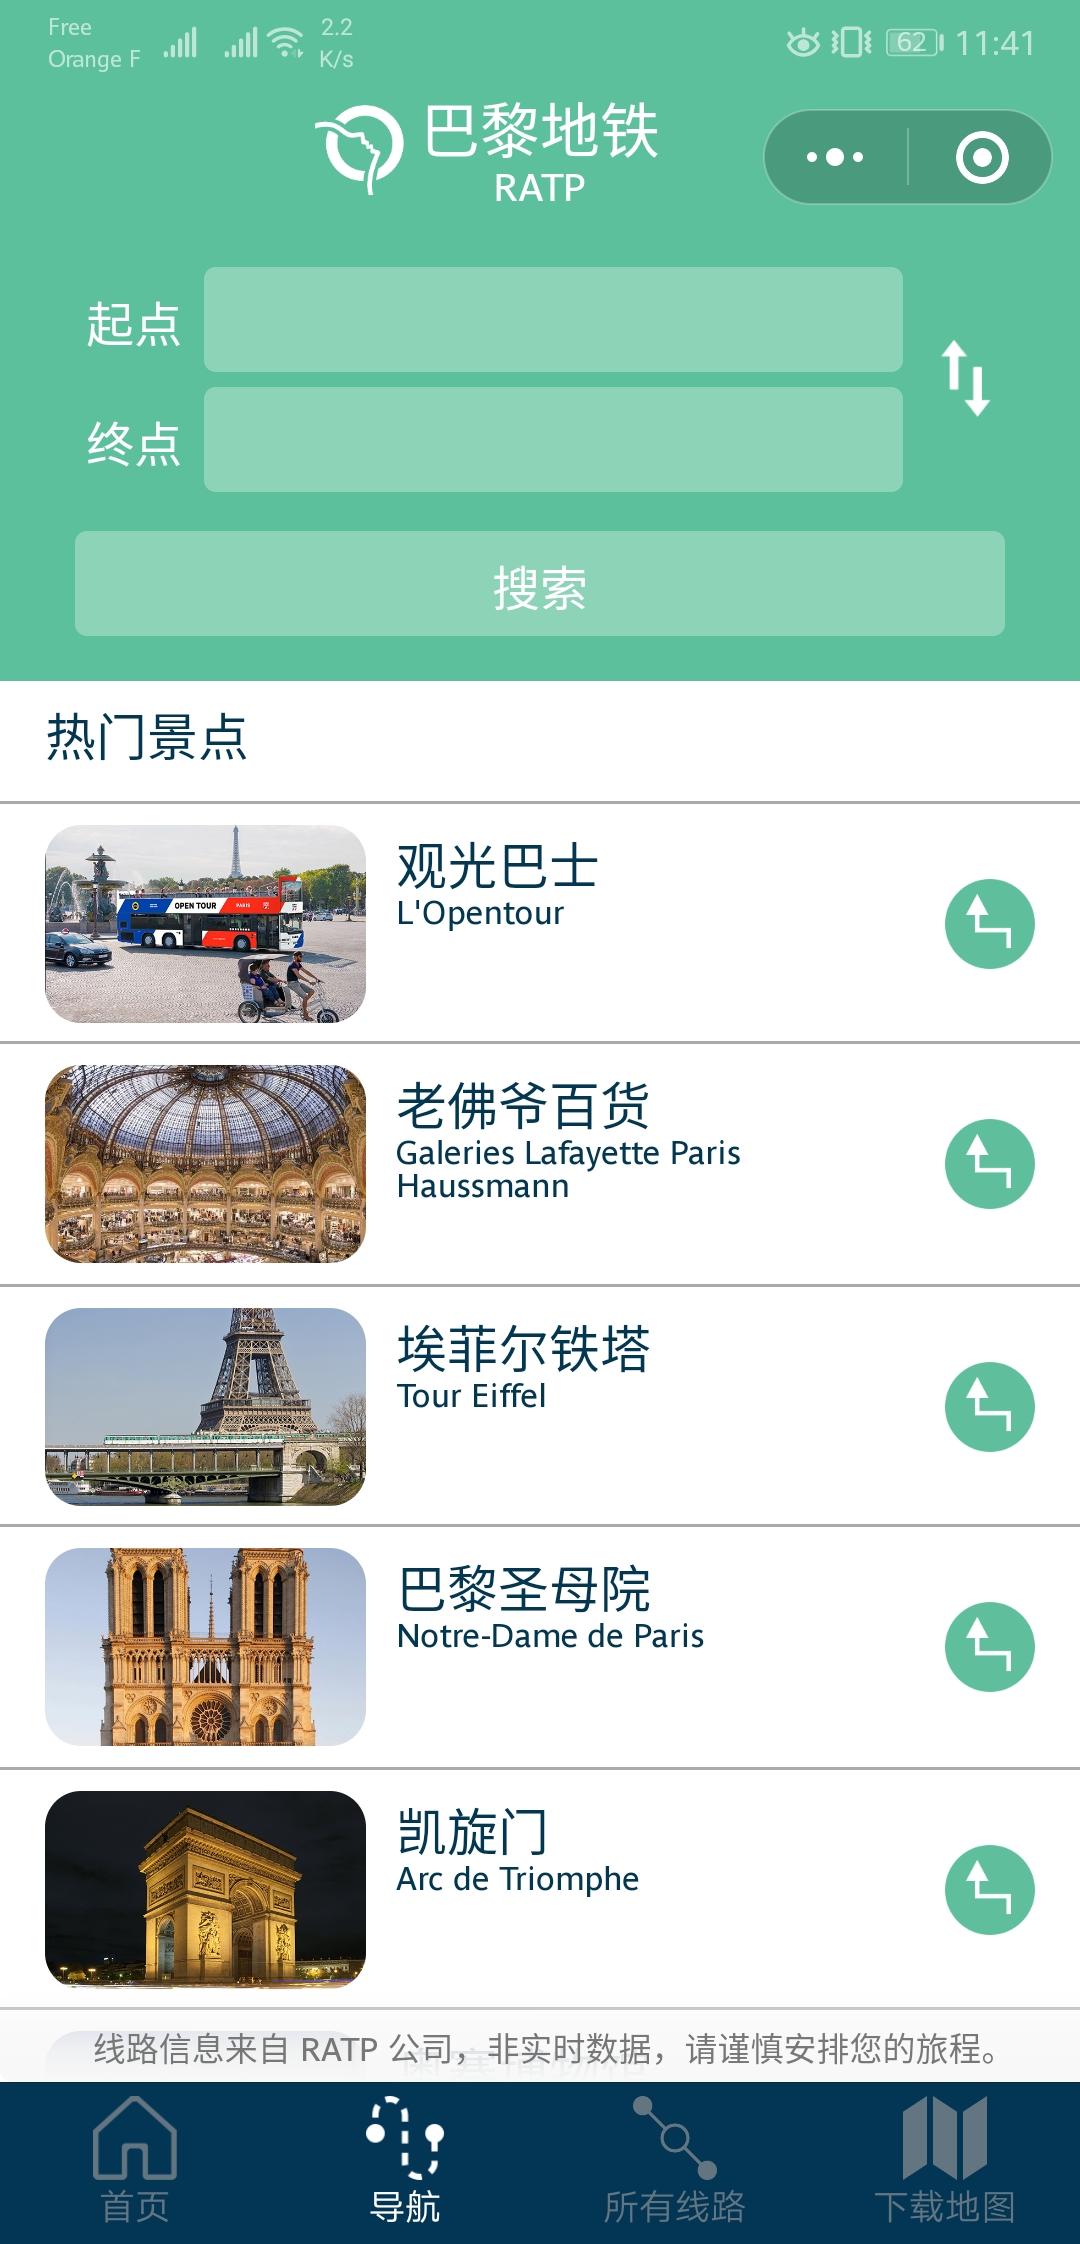 RATP Mini Program